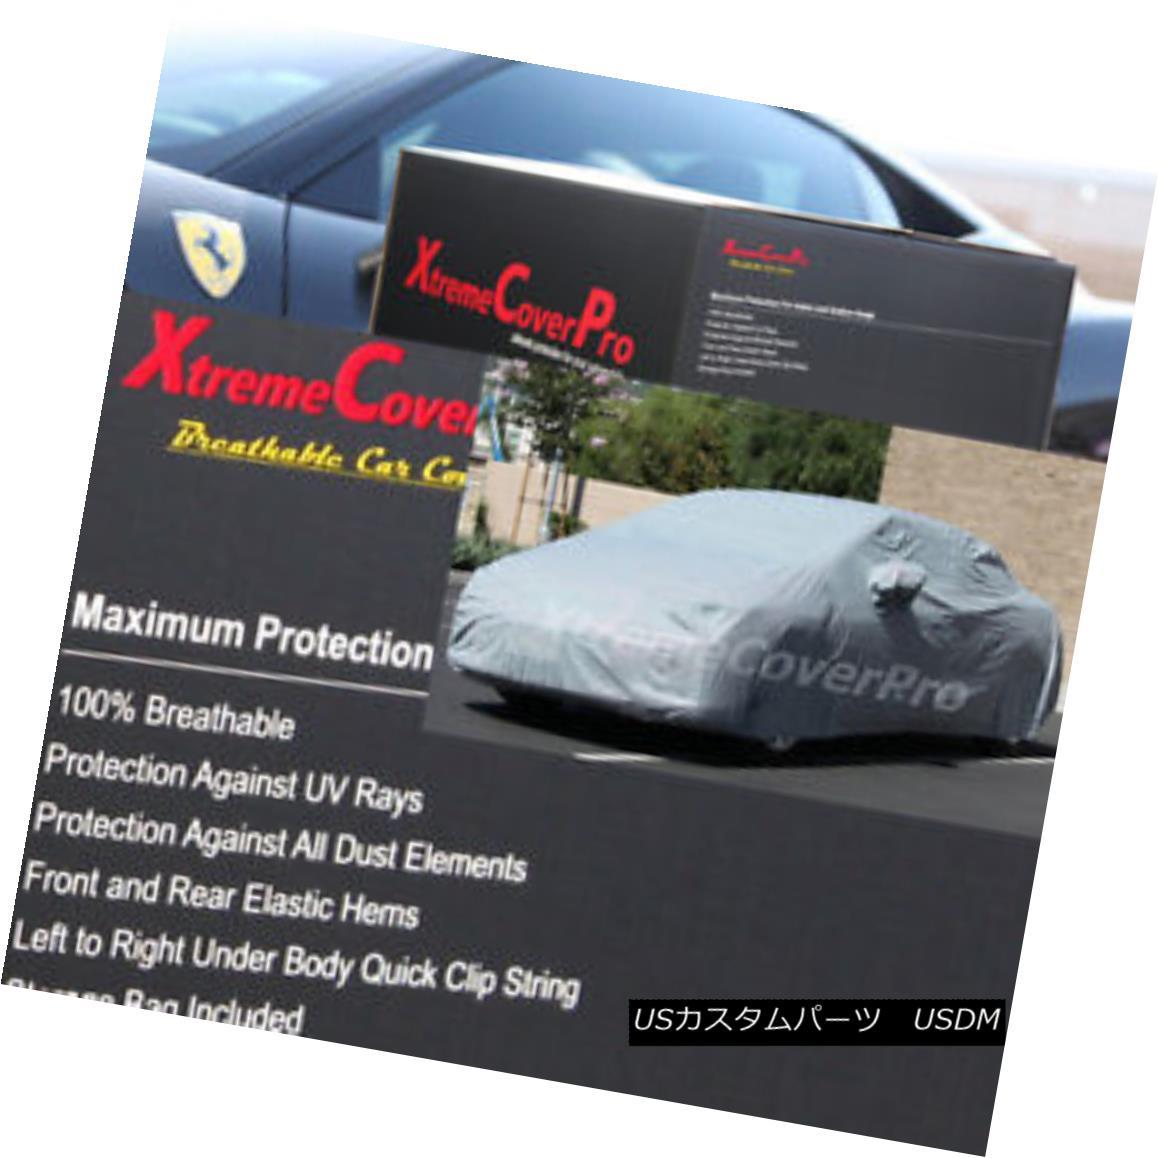 カーカバー 2005 2006 2007 2008 Audi A4 Avant Wagon Breathable Car Cover w/MirrorPocket 2005 2006 2007 2008 Audi A4 Avant Wagon通気性車カバー付きMirrorPocket